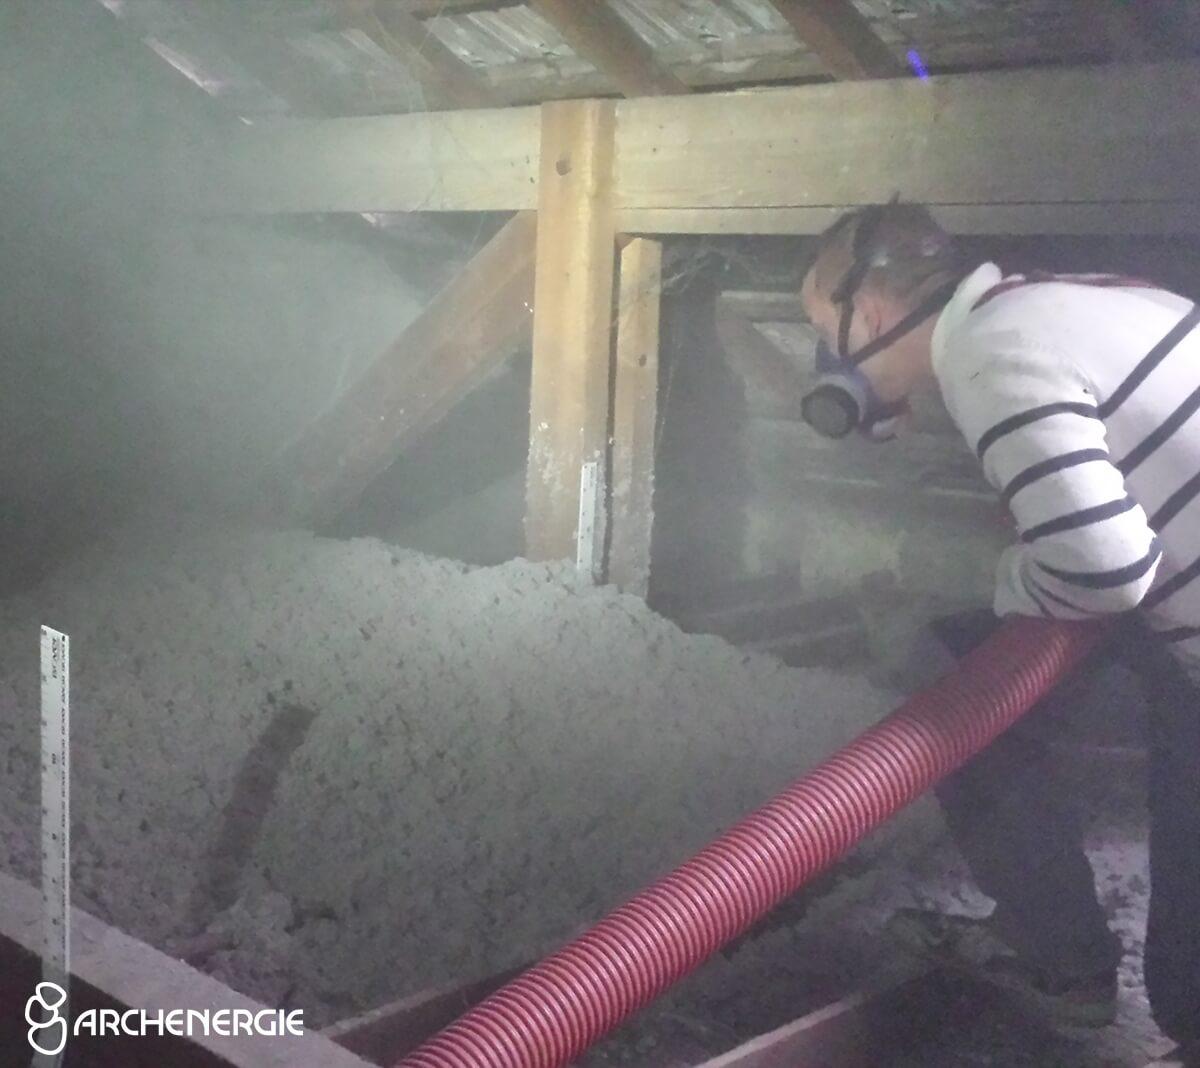 Bordeaux - Soufflage Ouate de cellulose - Confort thermique, évite la surchauffe estivale grâce à un déphasage important